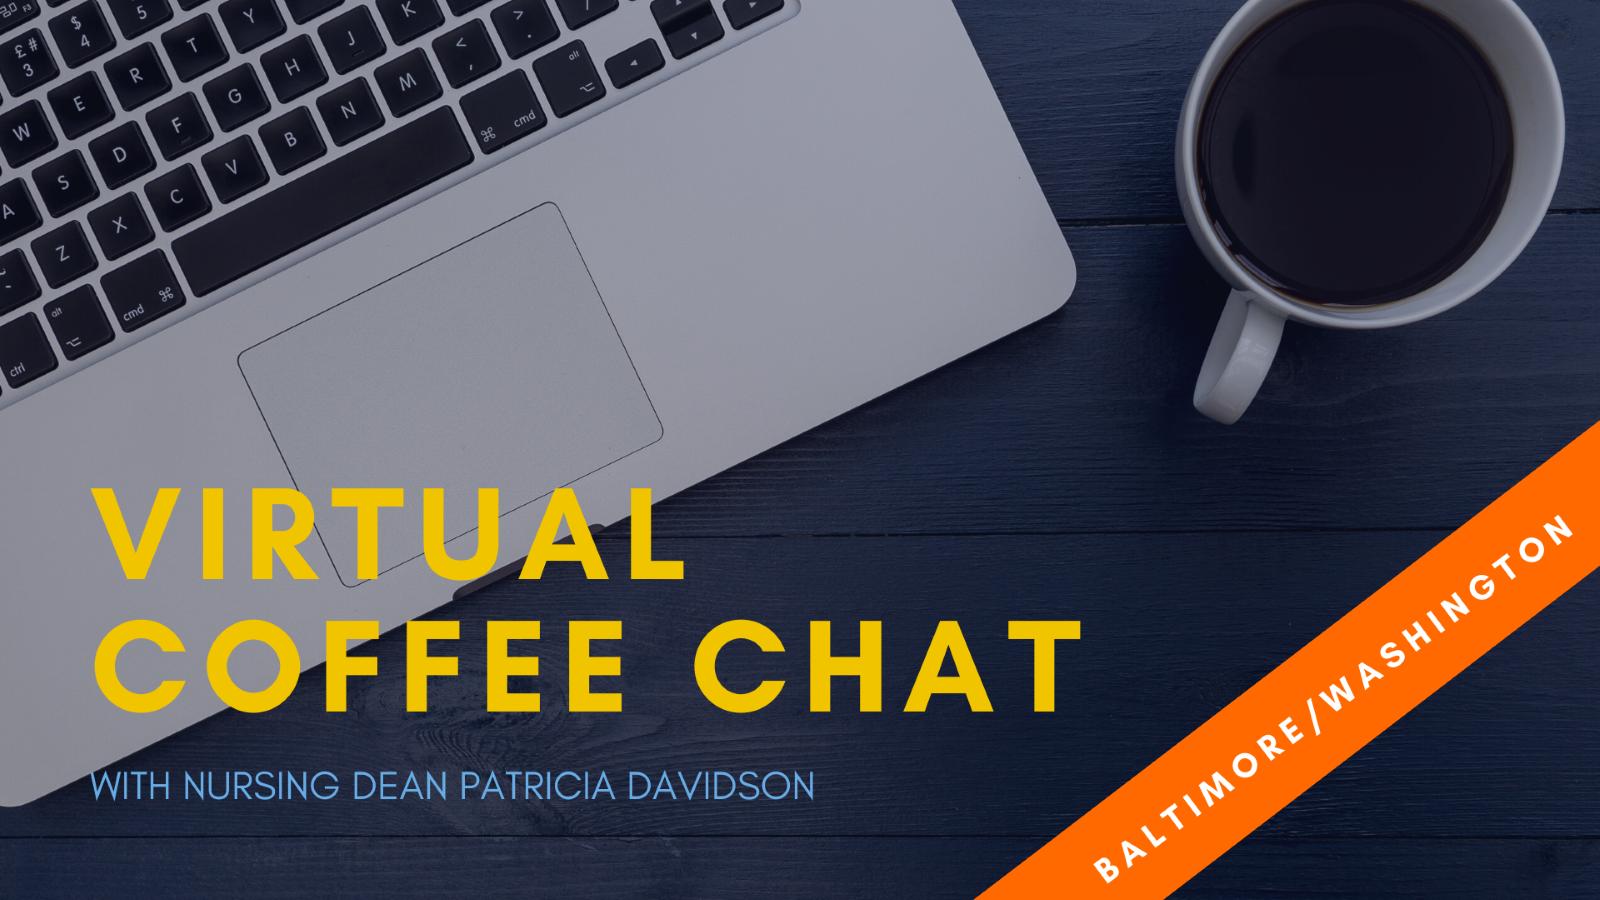 Virtual Coffee Chat with Nursing Dean Davidson - Baltimore/Washington header image